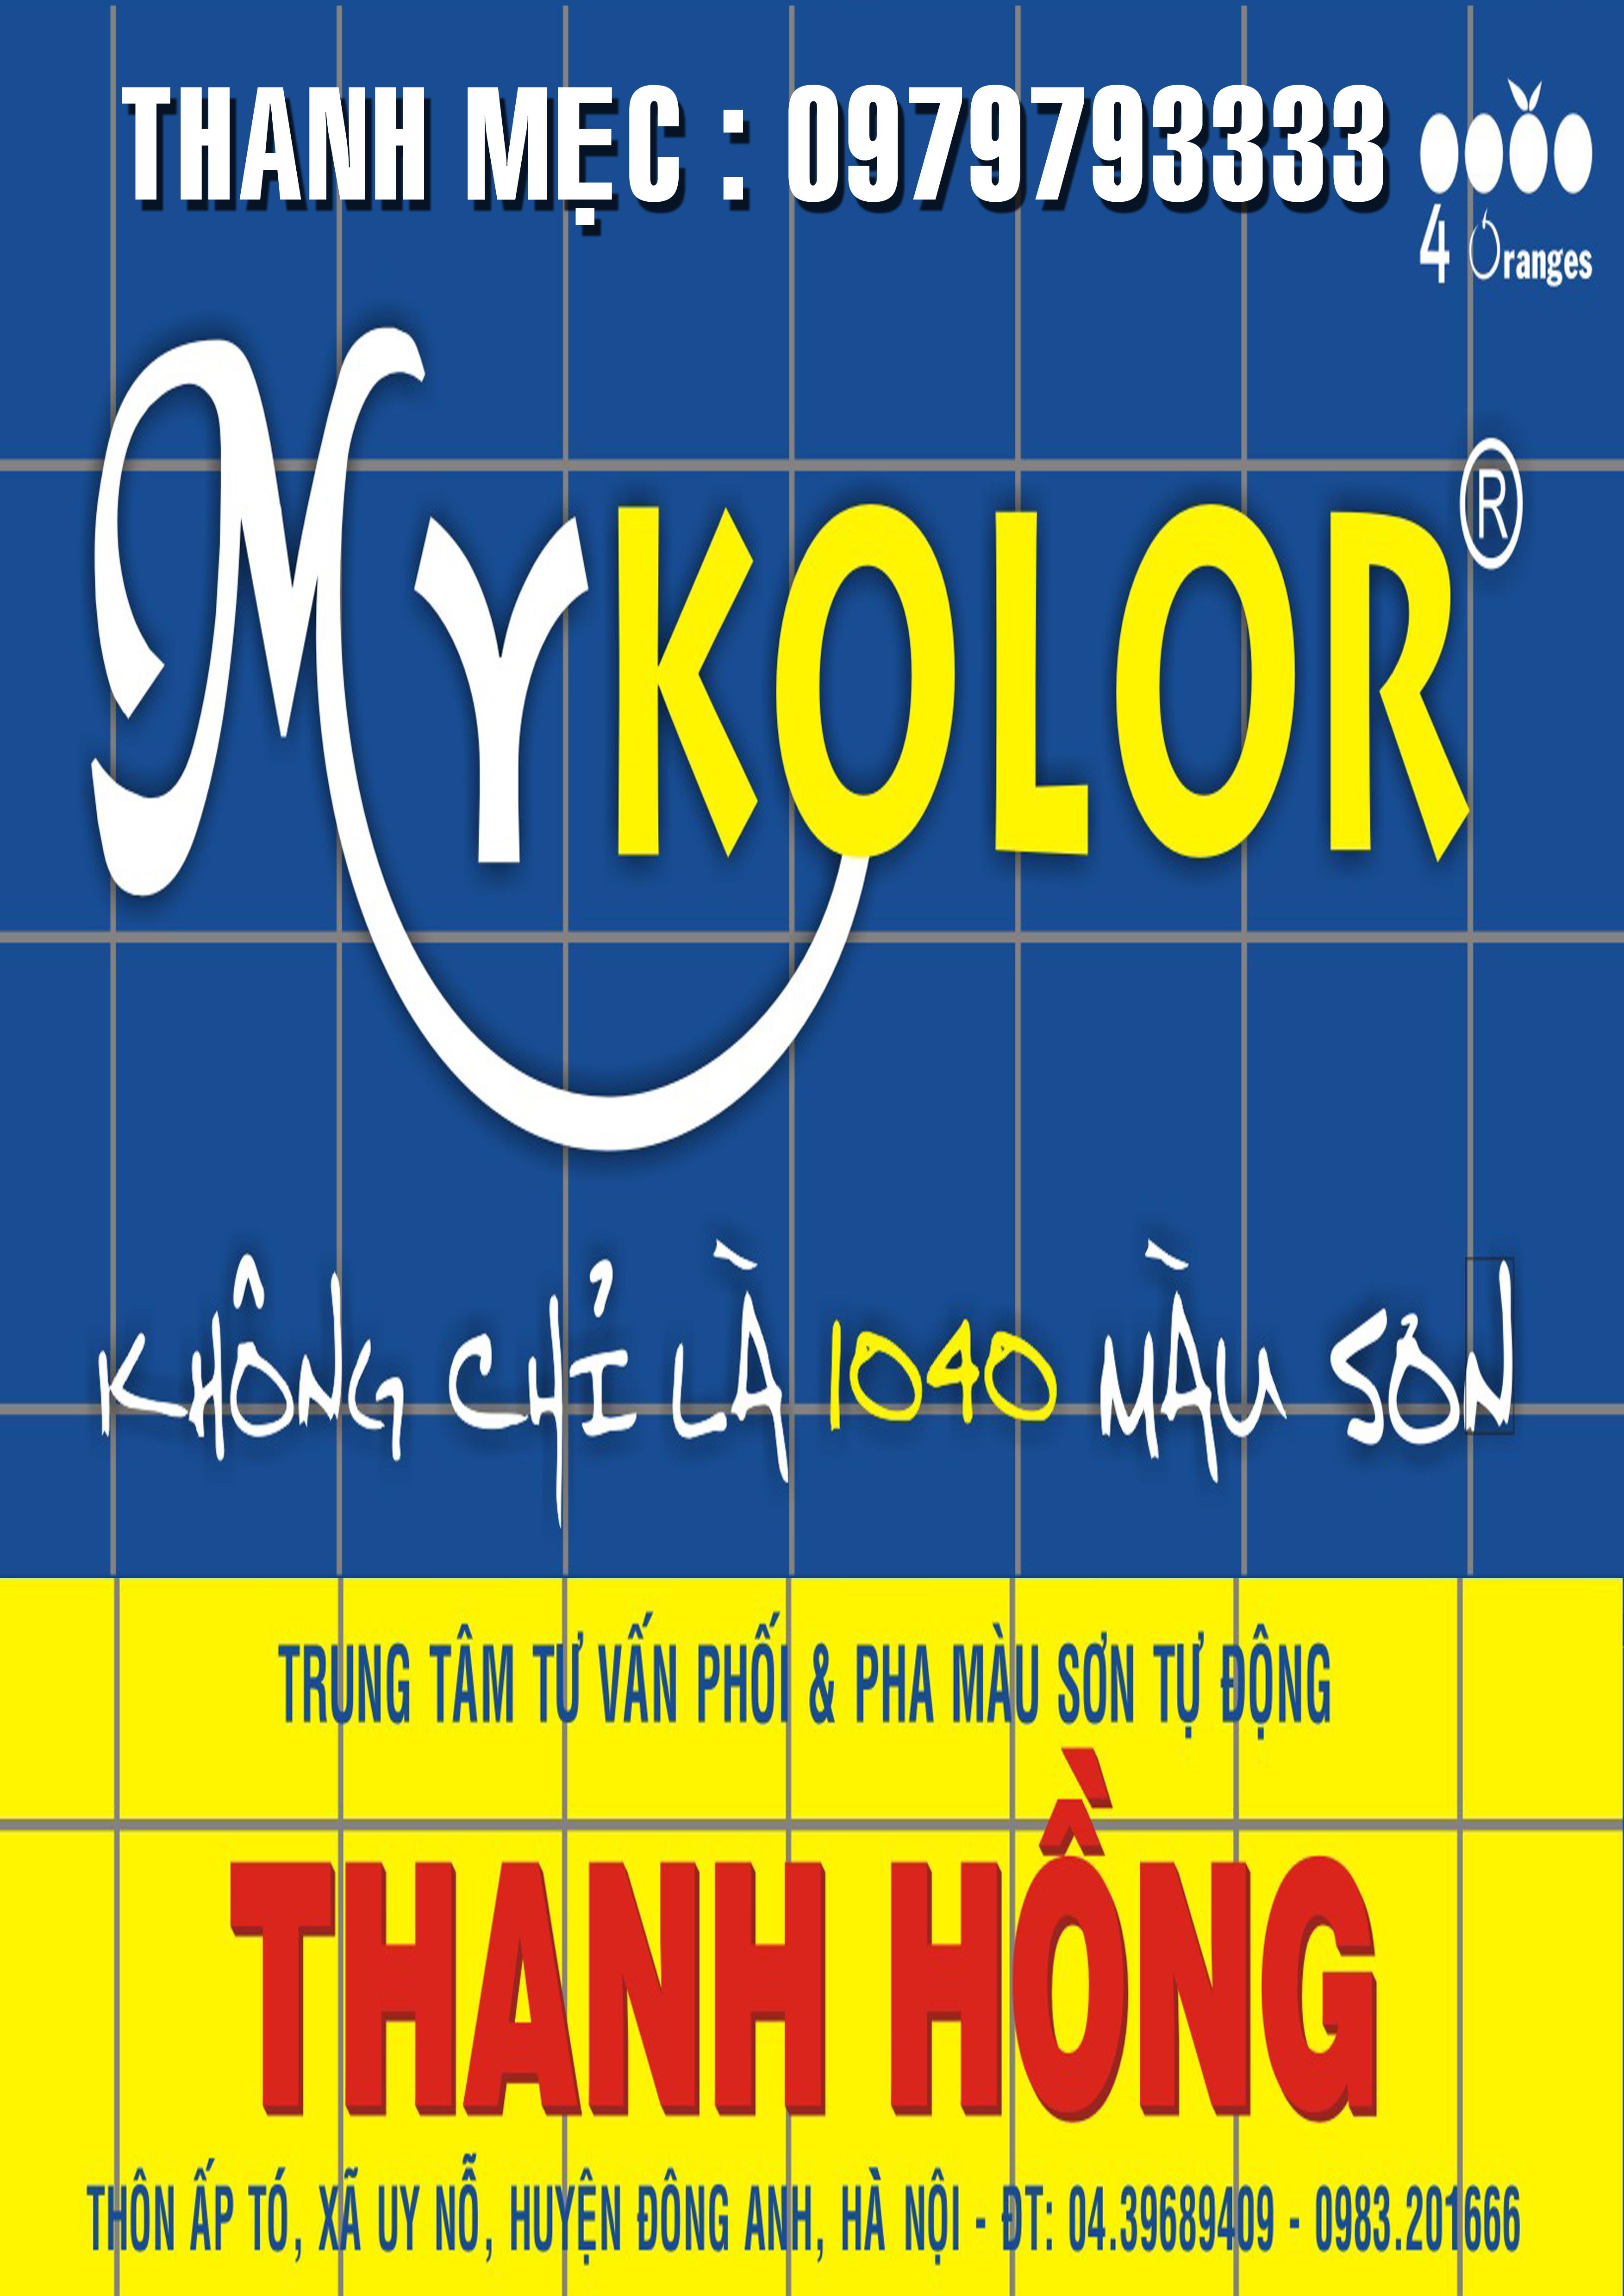 Sơn Mykolor Thanh Hồng